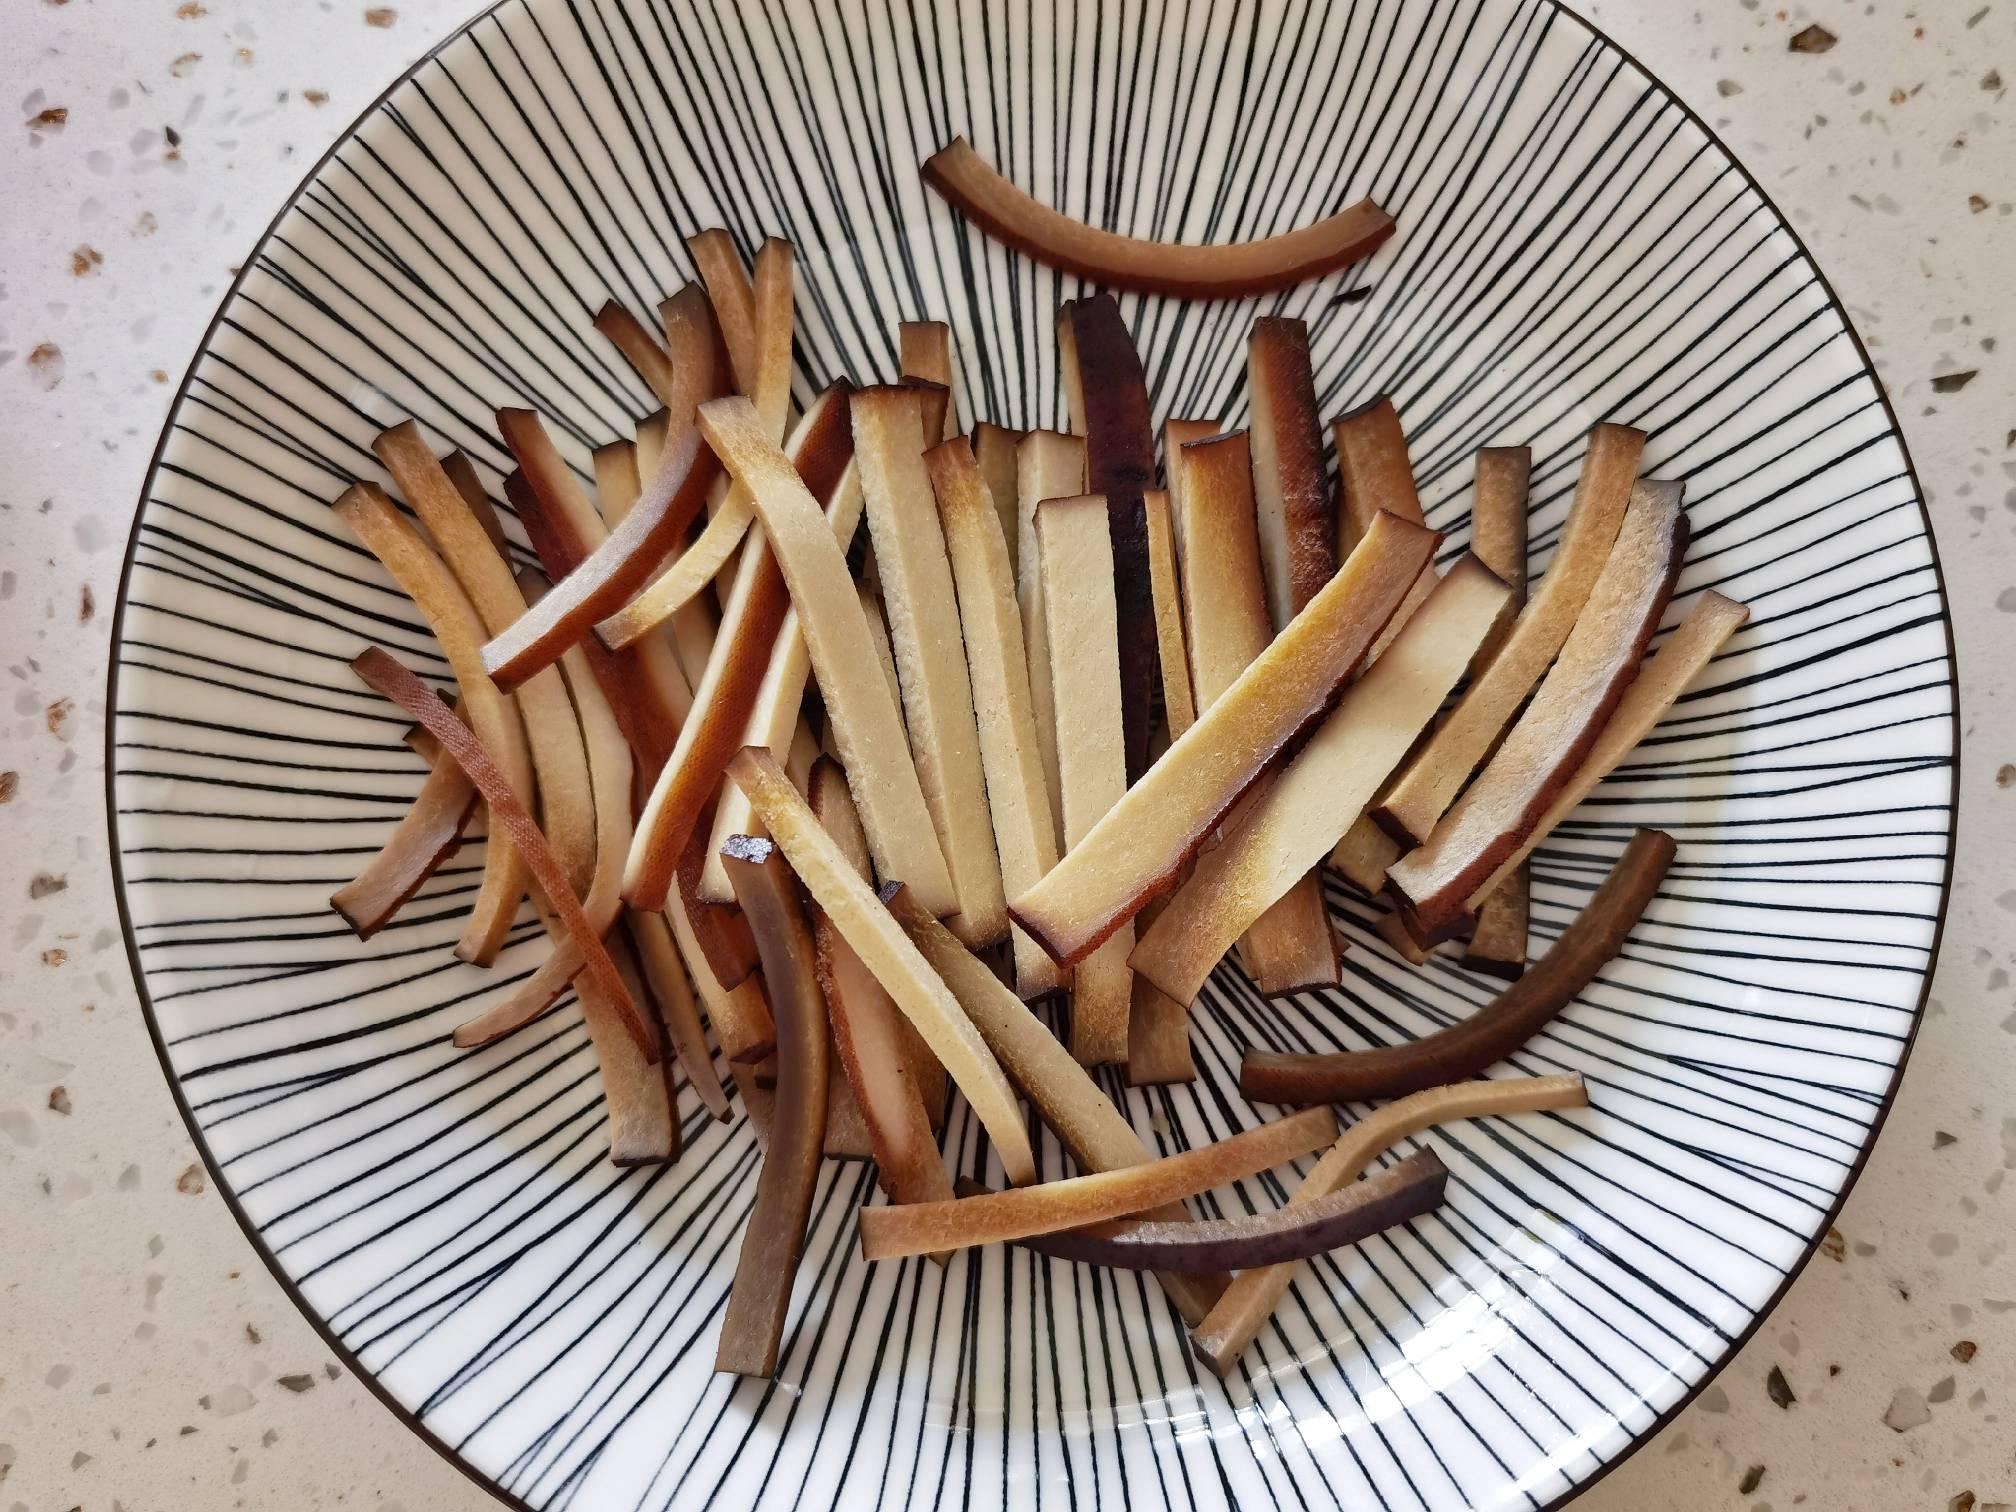 蒜苔和豆干这样炒,就算没有肉,也依然很下饭的做法图解